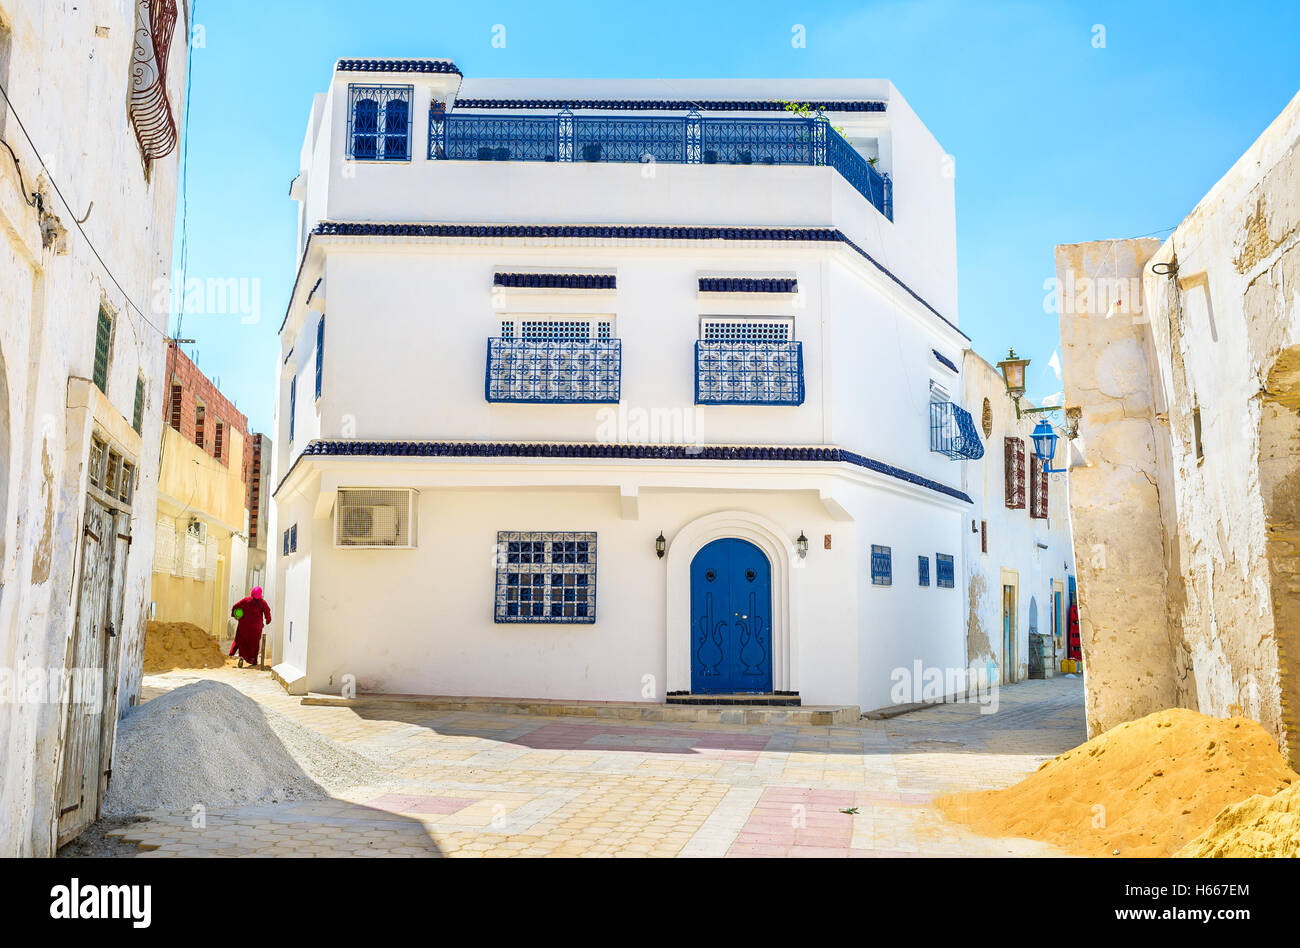 La grande chambre, comme pour l'ancienne médina arabe, sur le carrefour, Kairouan, Tunisie. Photo Stock